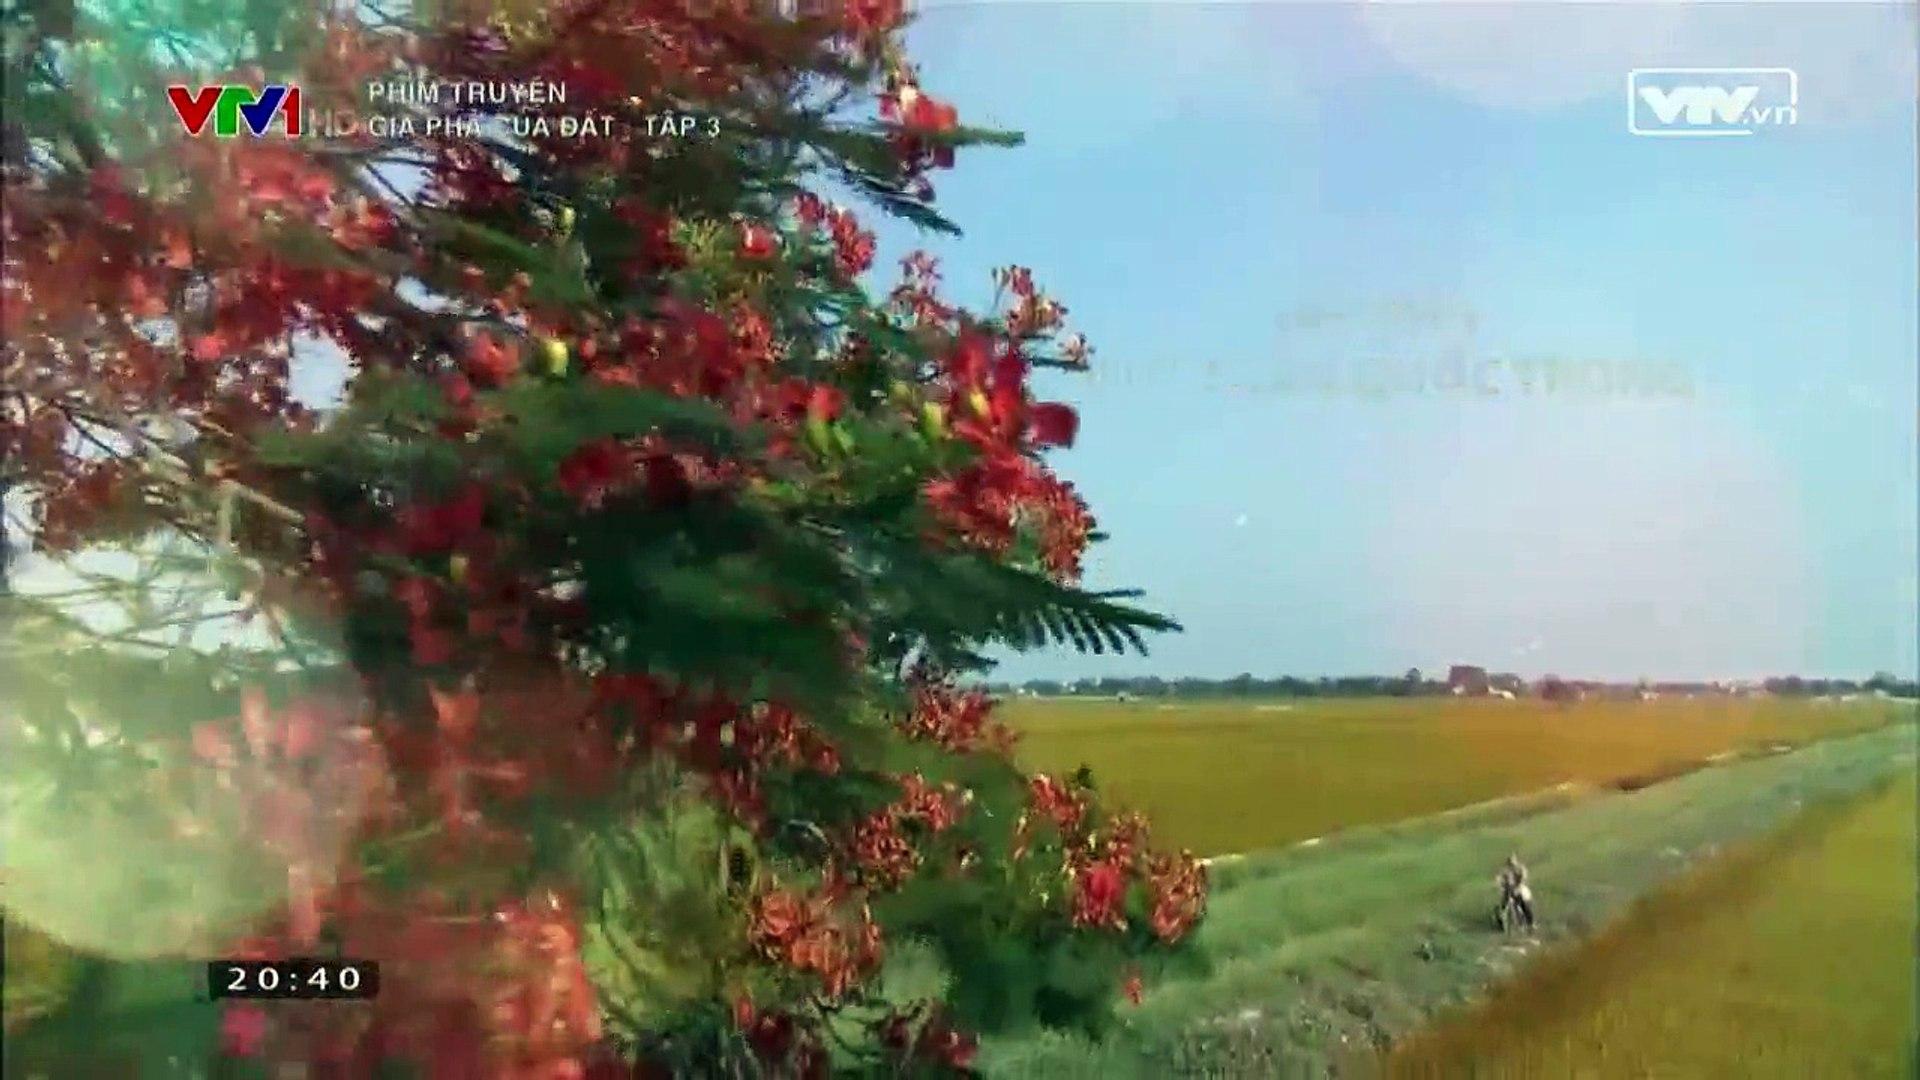 Gia phả của đất - Tập 3 - Phim VTV1